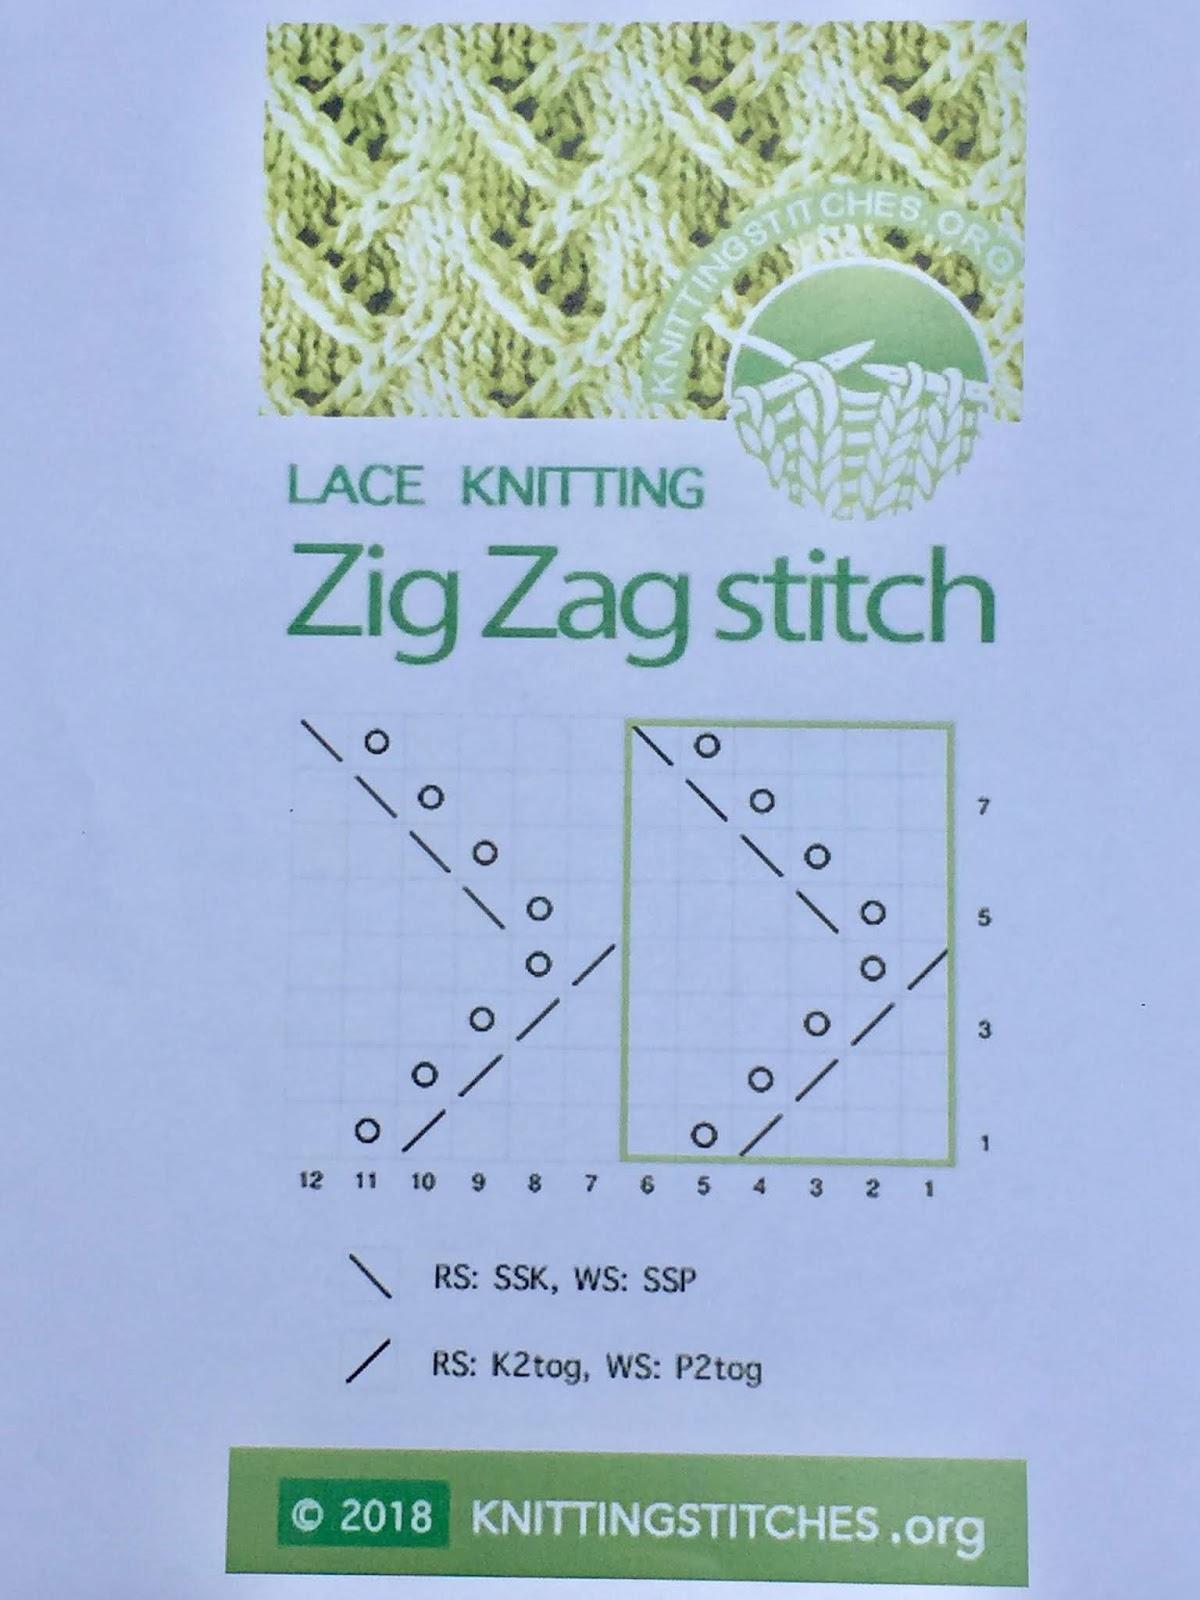 Knitting Stitches 2018 - ZigZag lace pattern